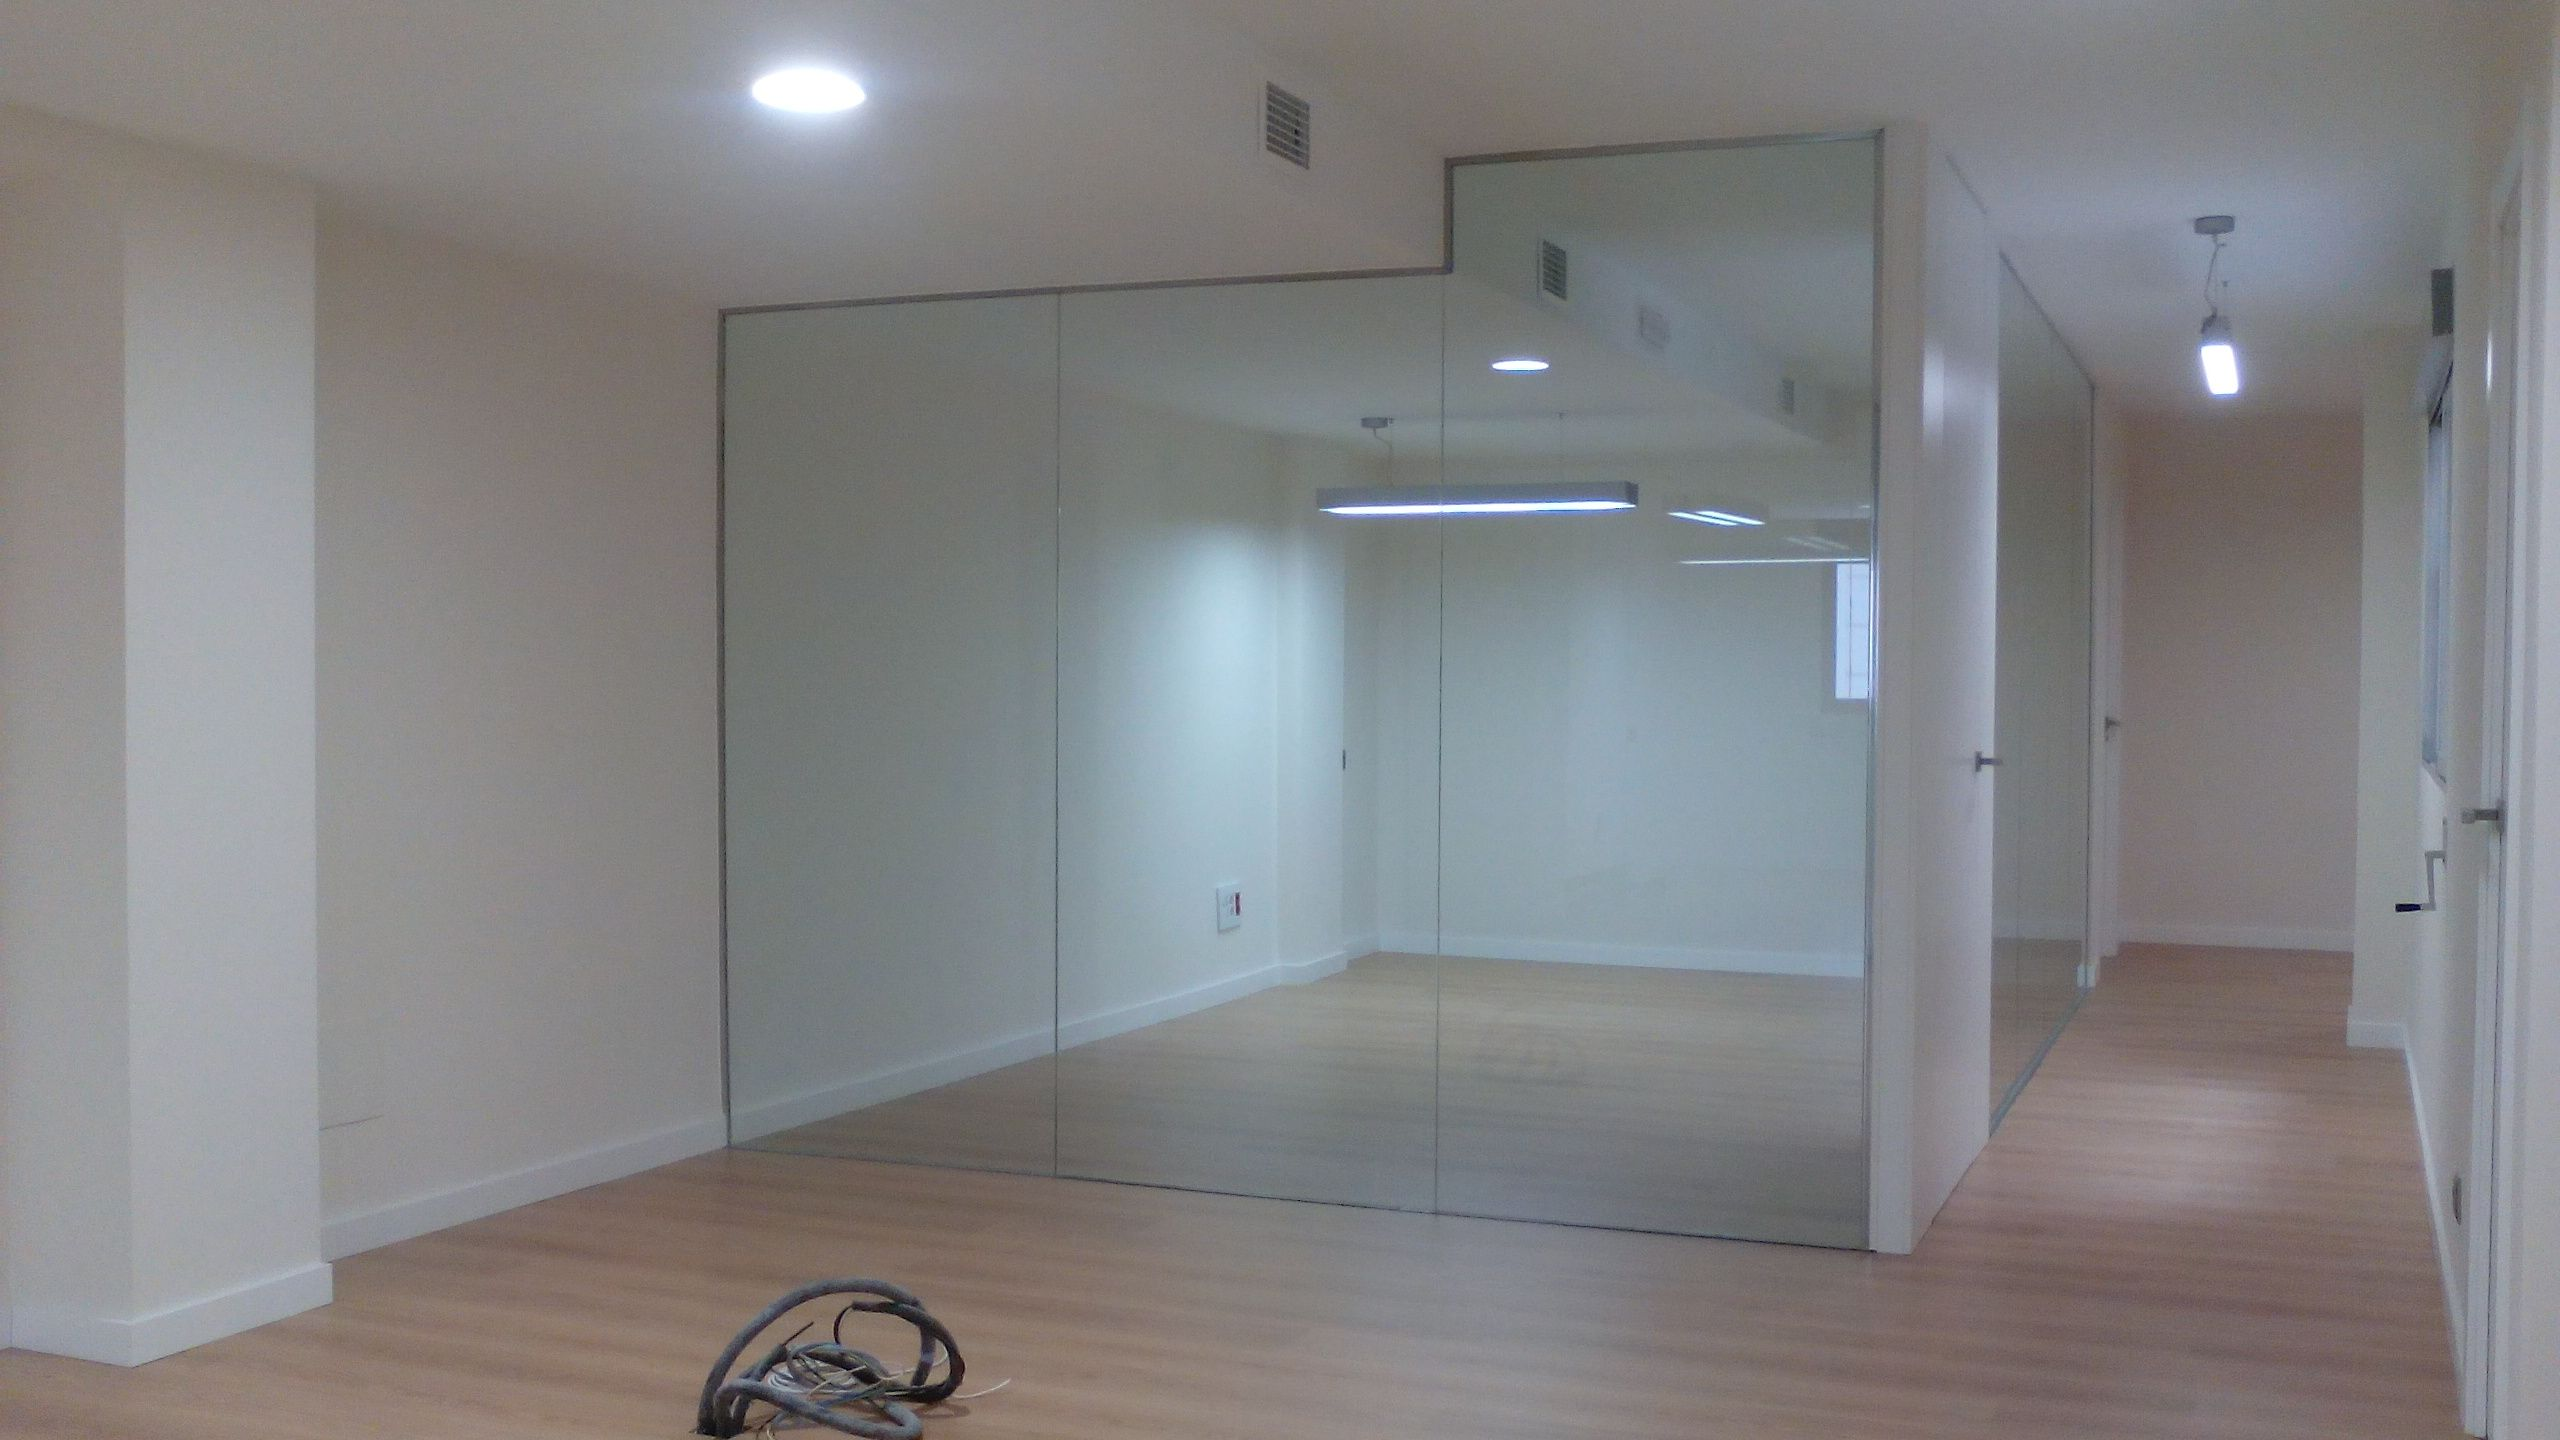 Reforma entreplanta locales para adecuarlas a oficinas - Tabiques de cristal para viviendas ...